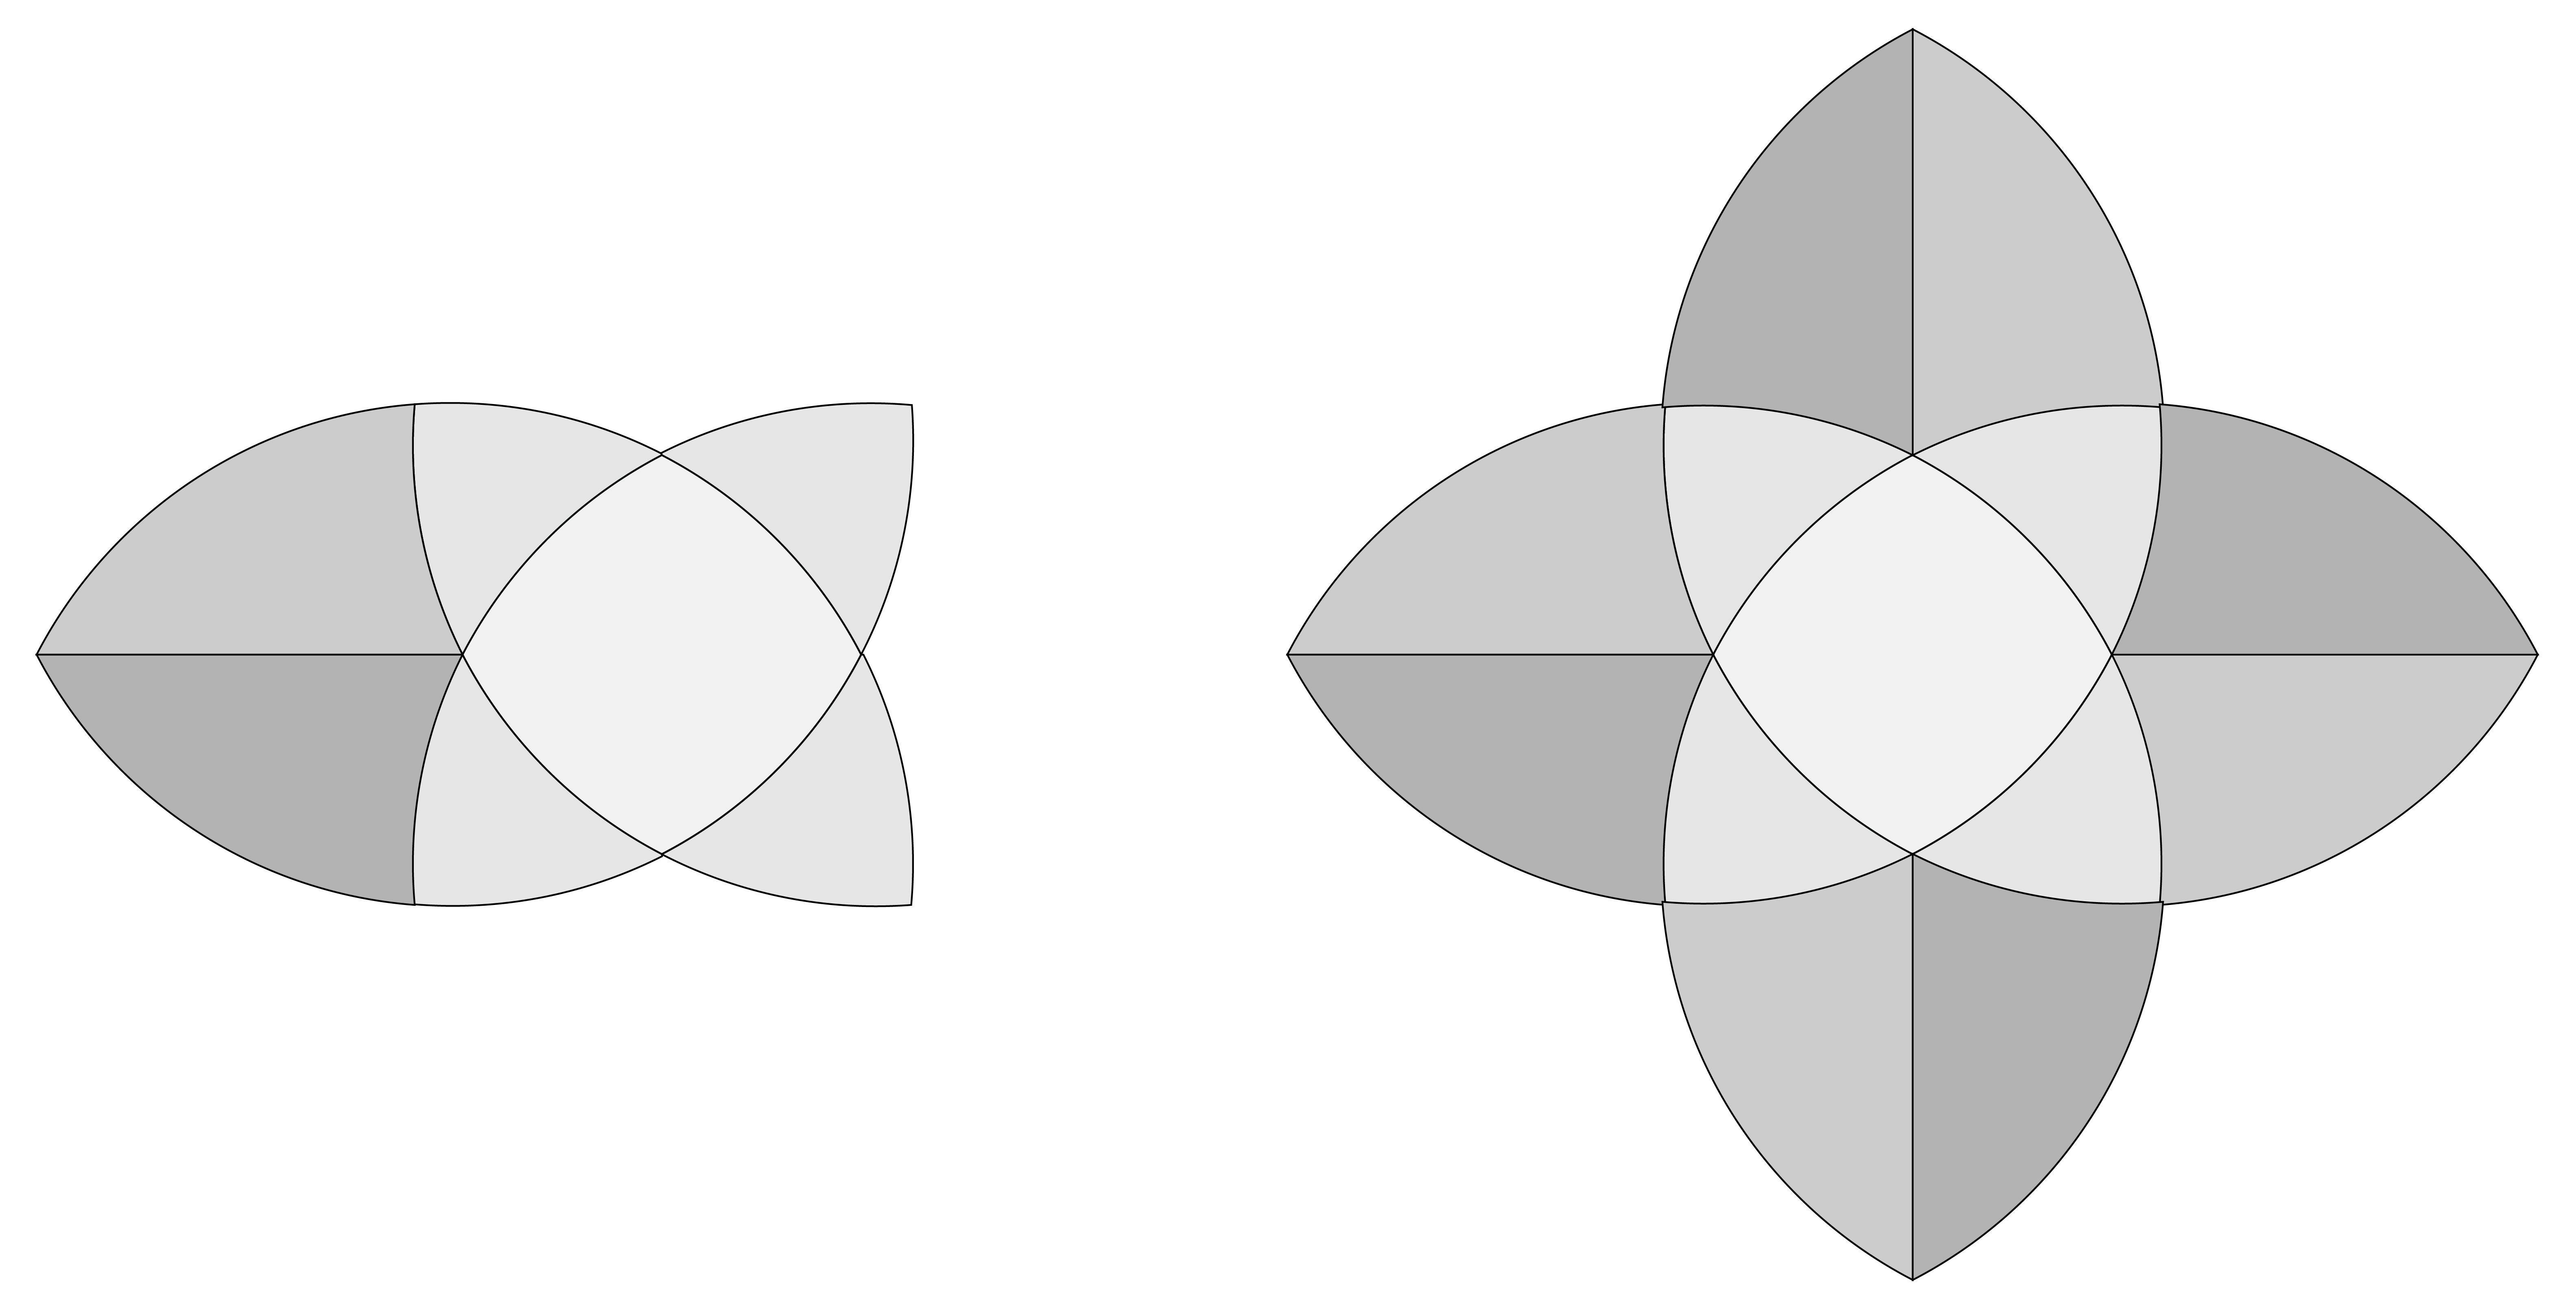 diagrams_2-04